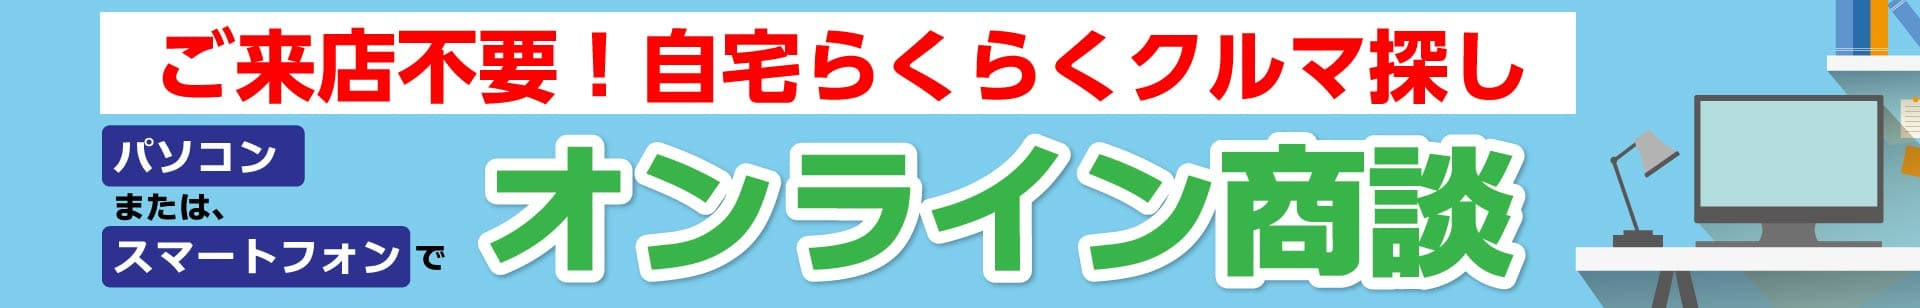 熊井自動車オンライン商談